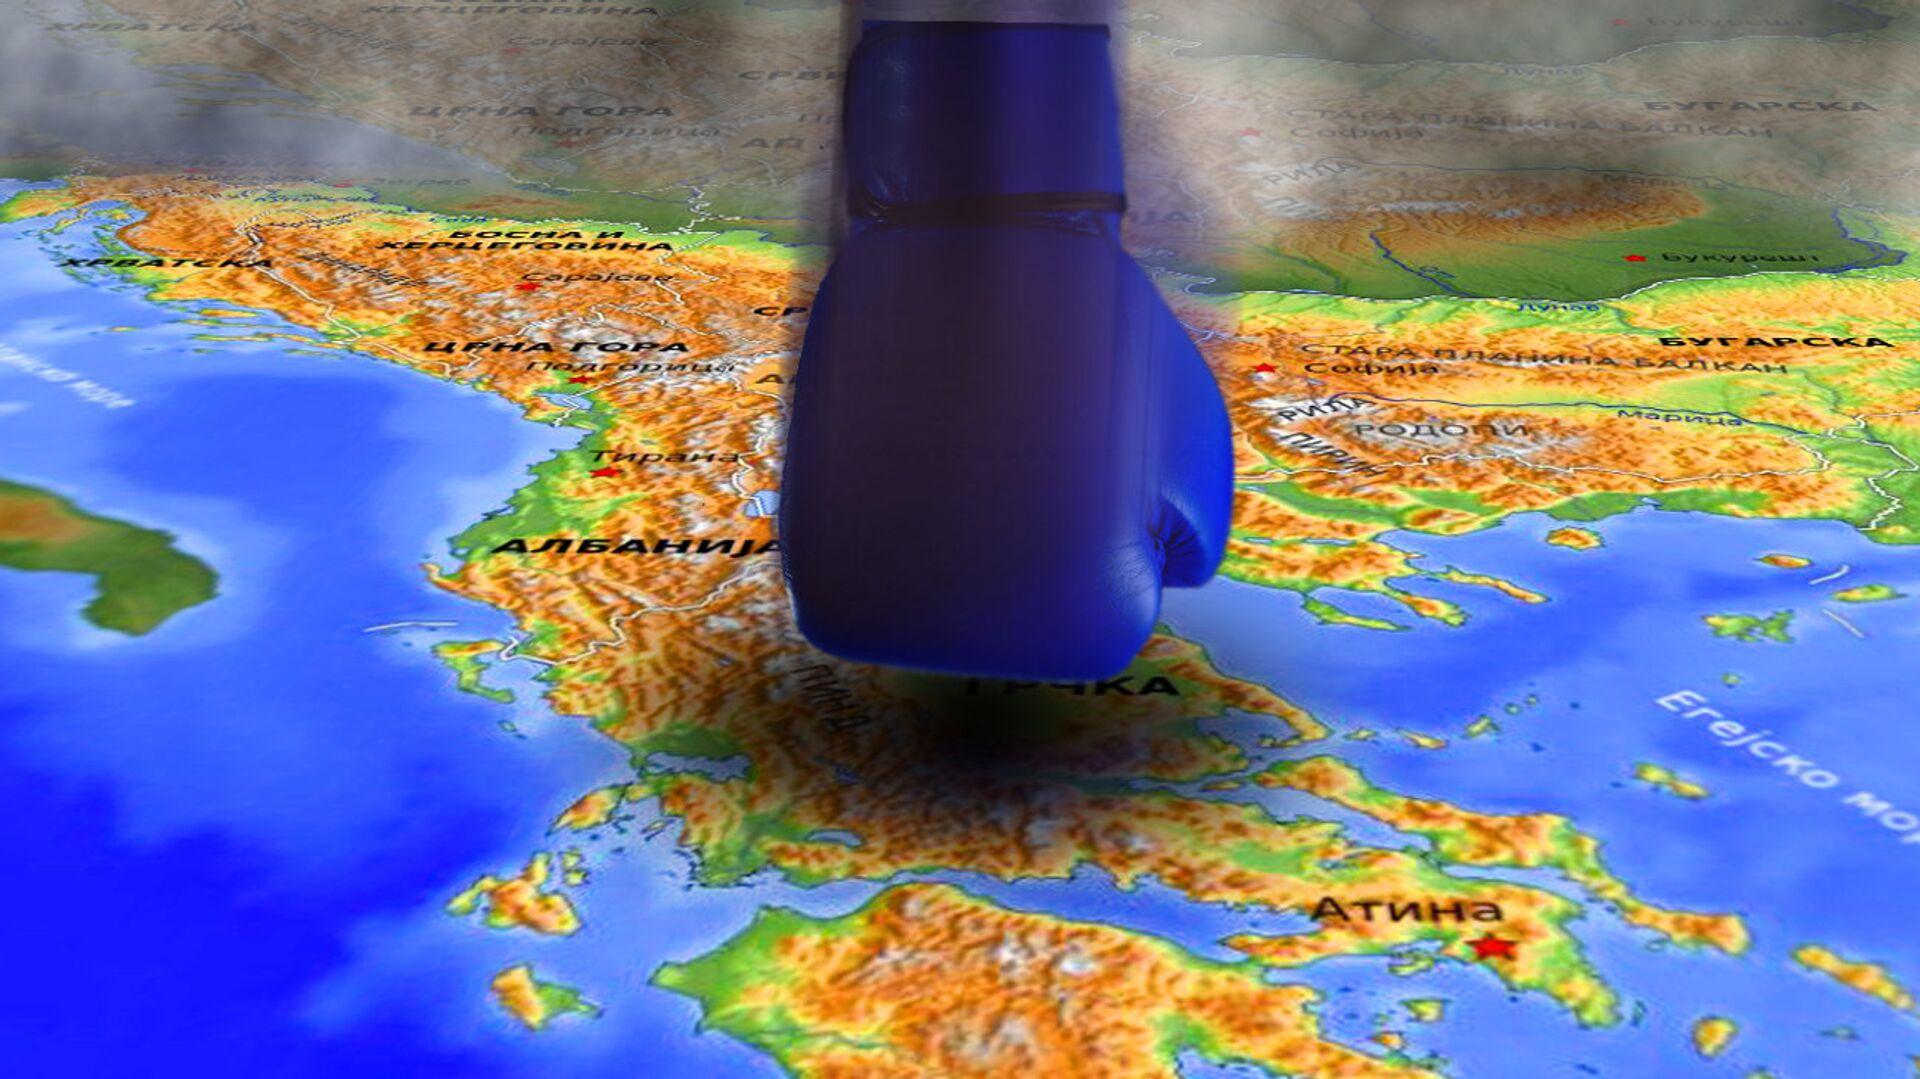 Давенпорт трећи пут: Британац на новом косовском задатку – све ресурсе ставити у америчке интересе - Sputnik Србија, 1920, 26.03.2021